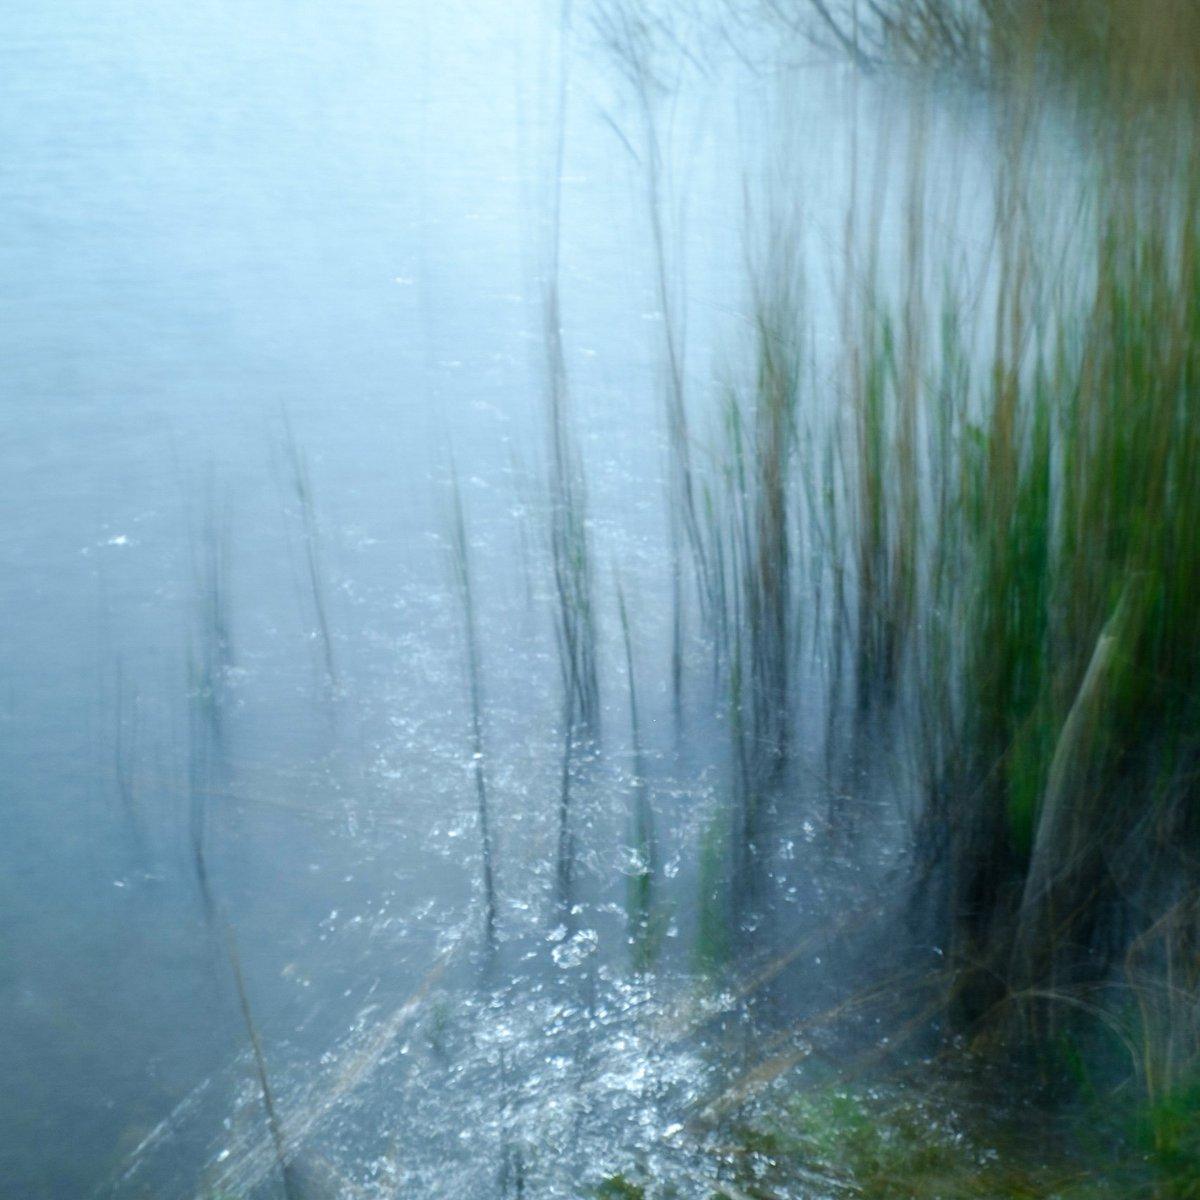 Among the reeds #calder #wetlands #ICM<br>http://pic.twitter.com/bTveqEPPXR